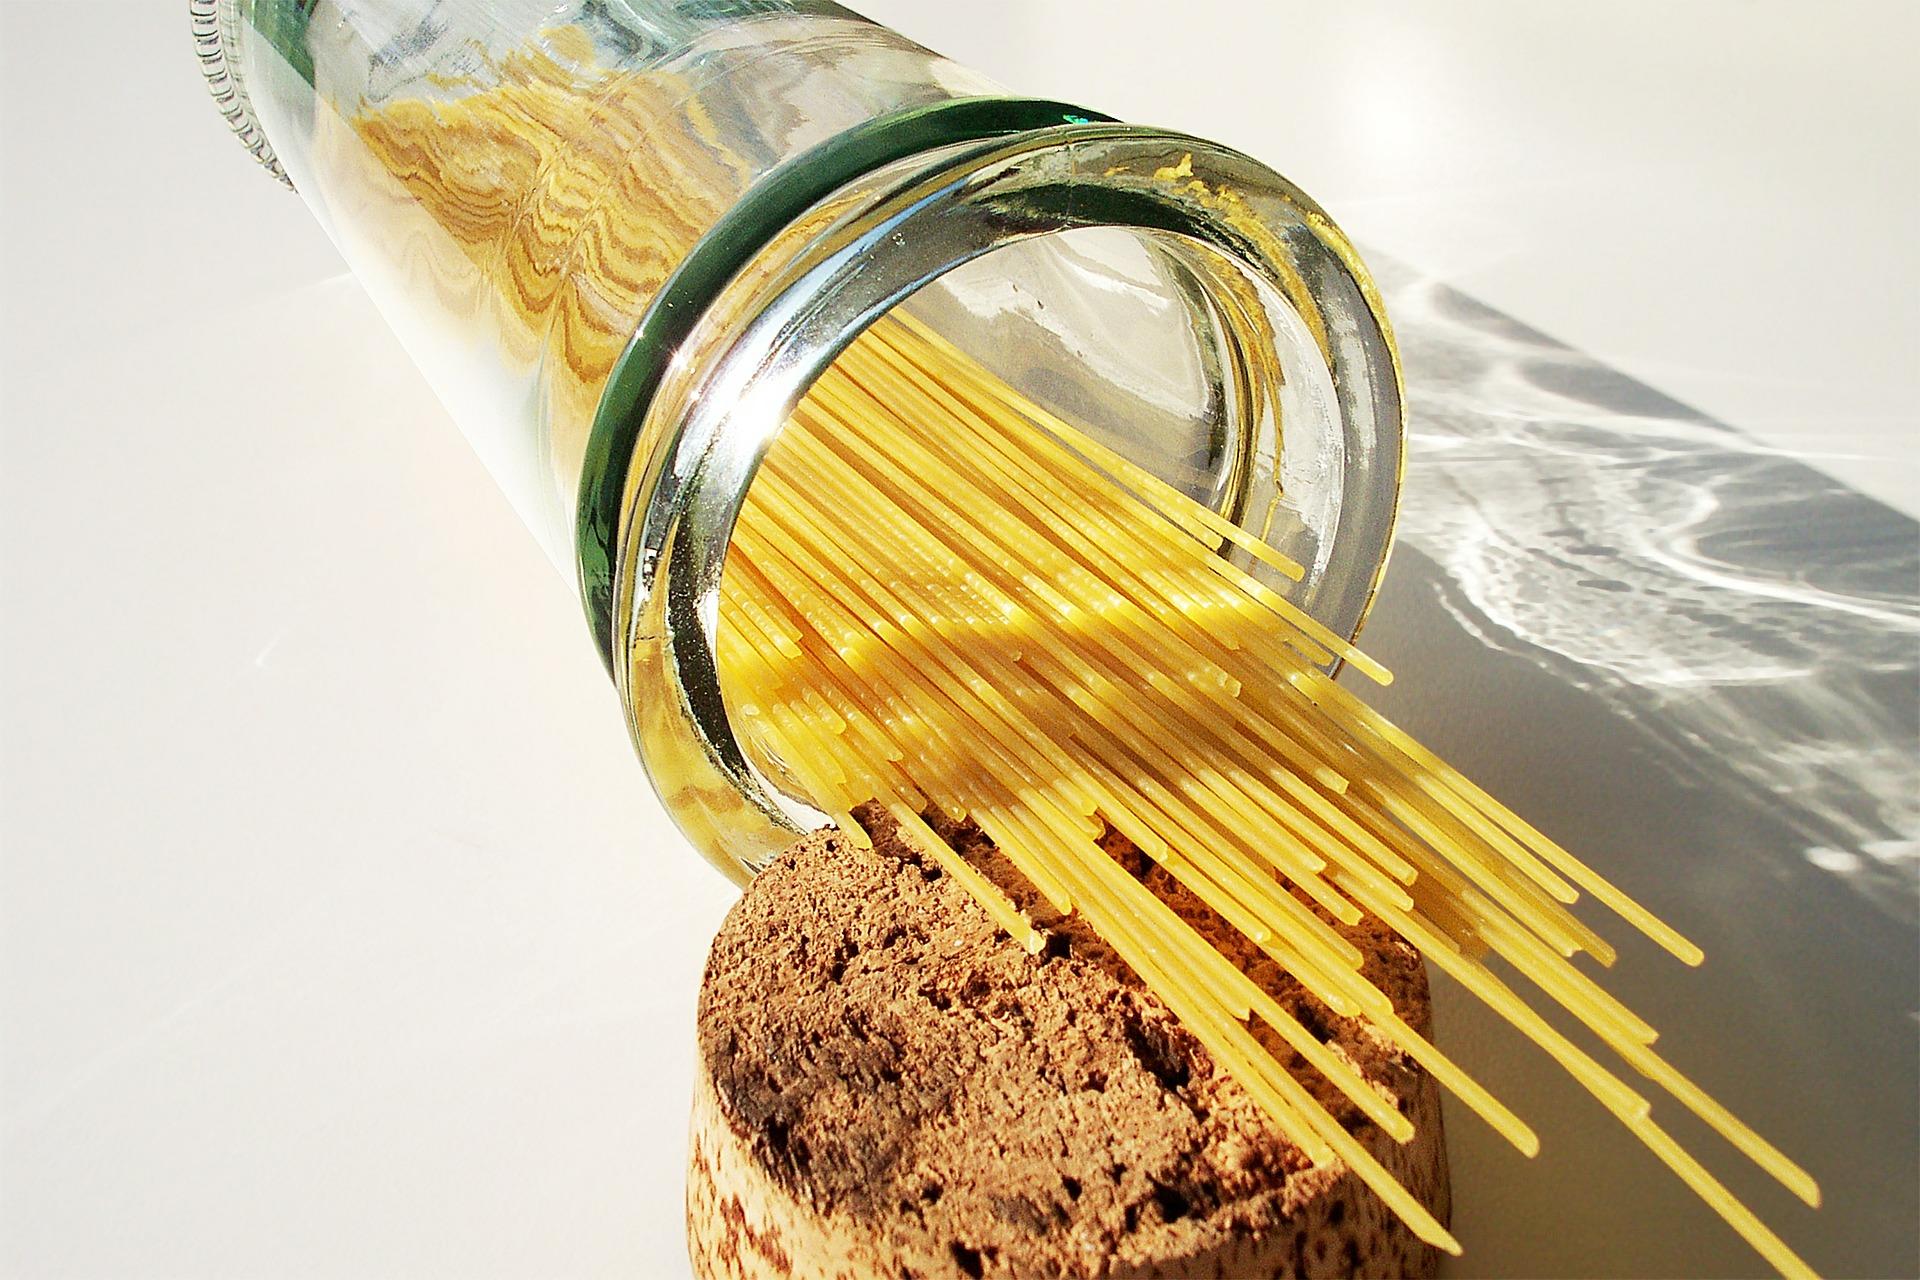 Consejos para sobrellevar alergias e intolerancias alimentarias. Parte II